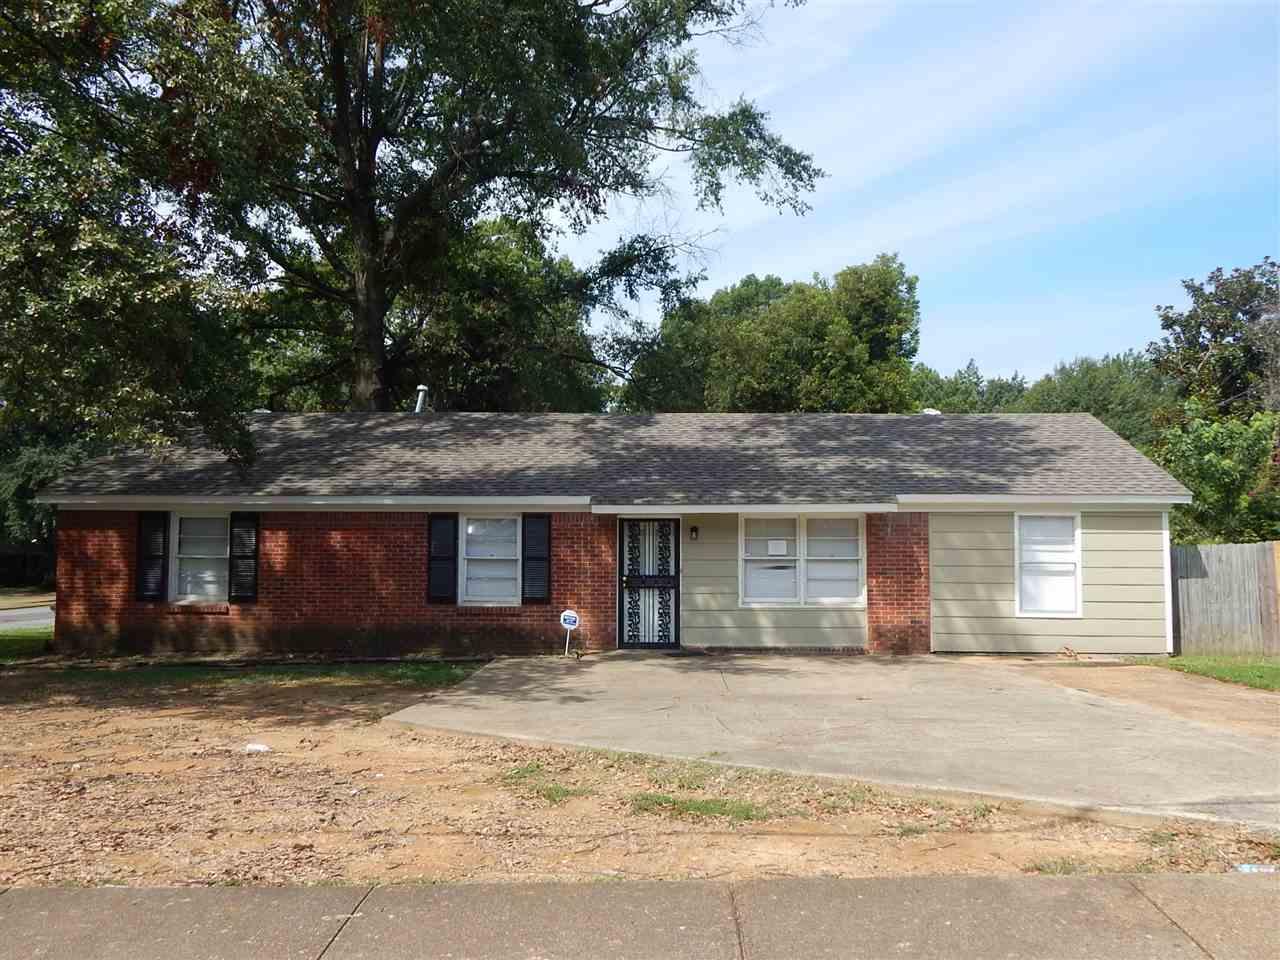 2945 Watson Memphis, TN 38118 - MLS #: 10010321